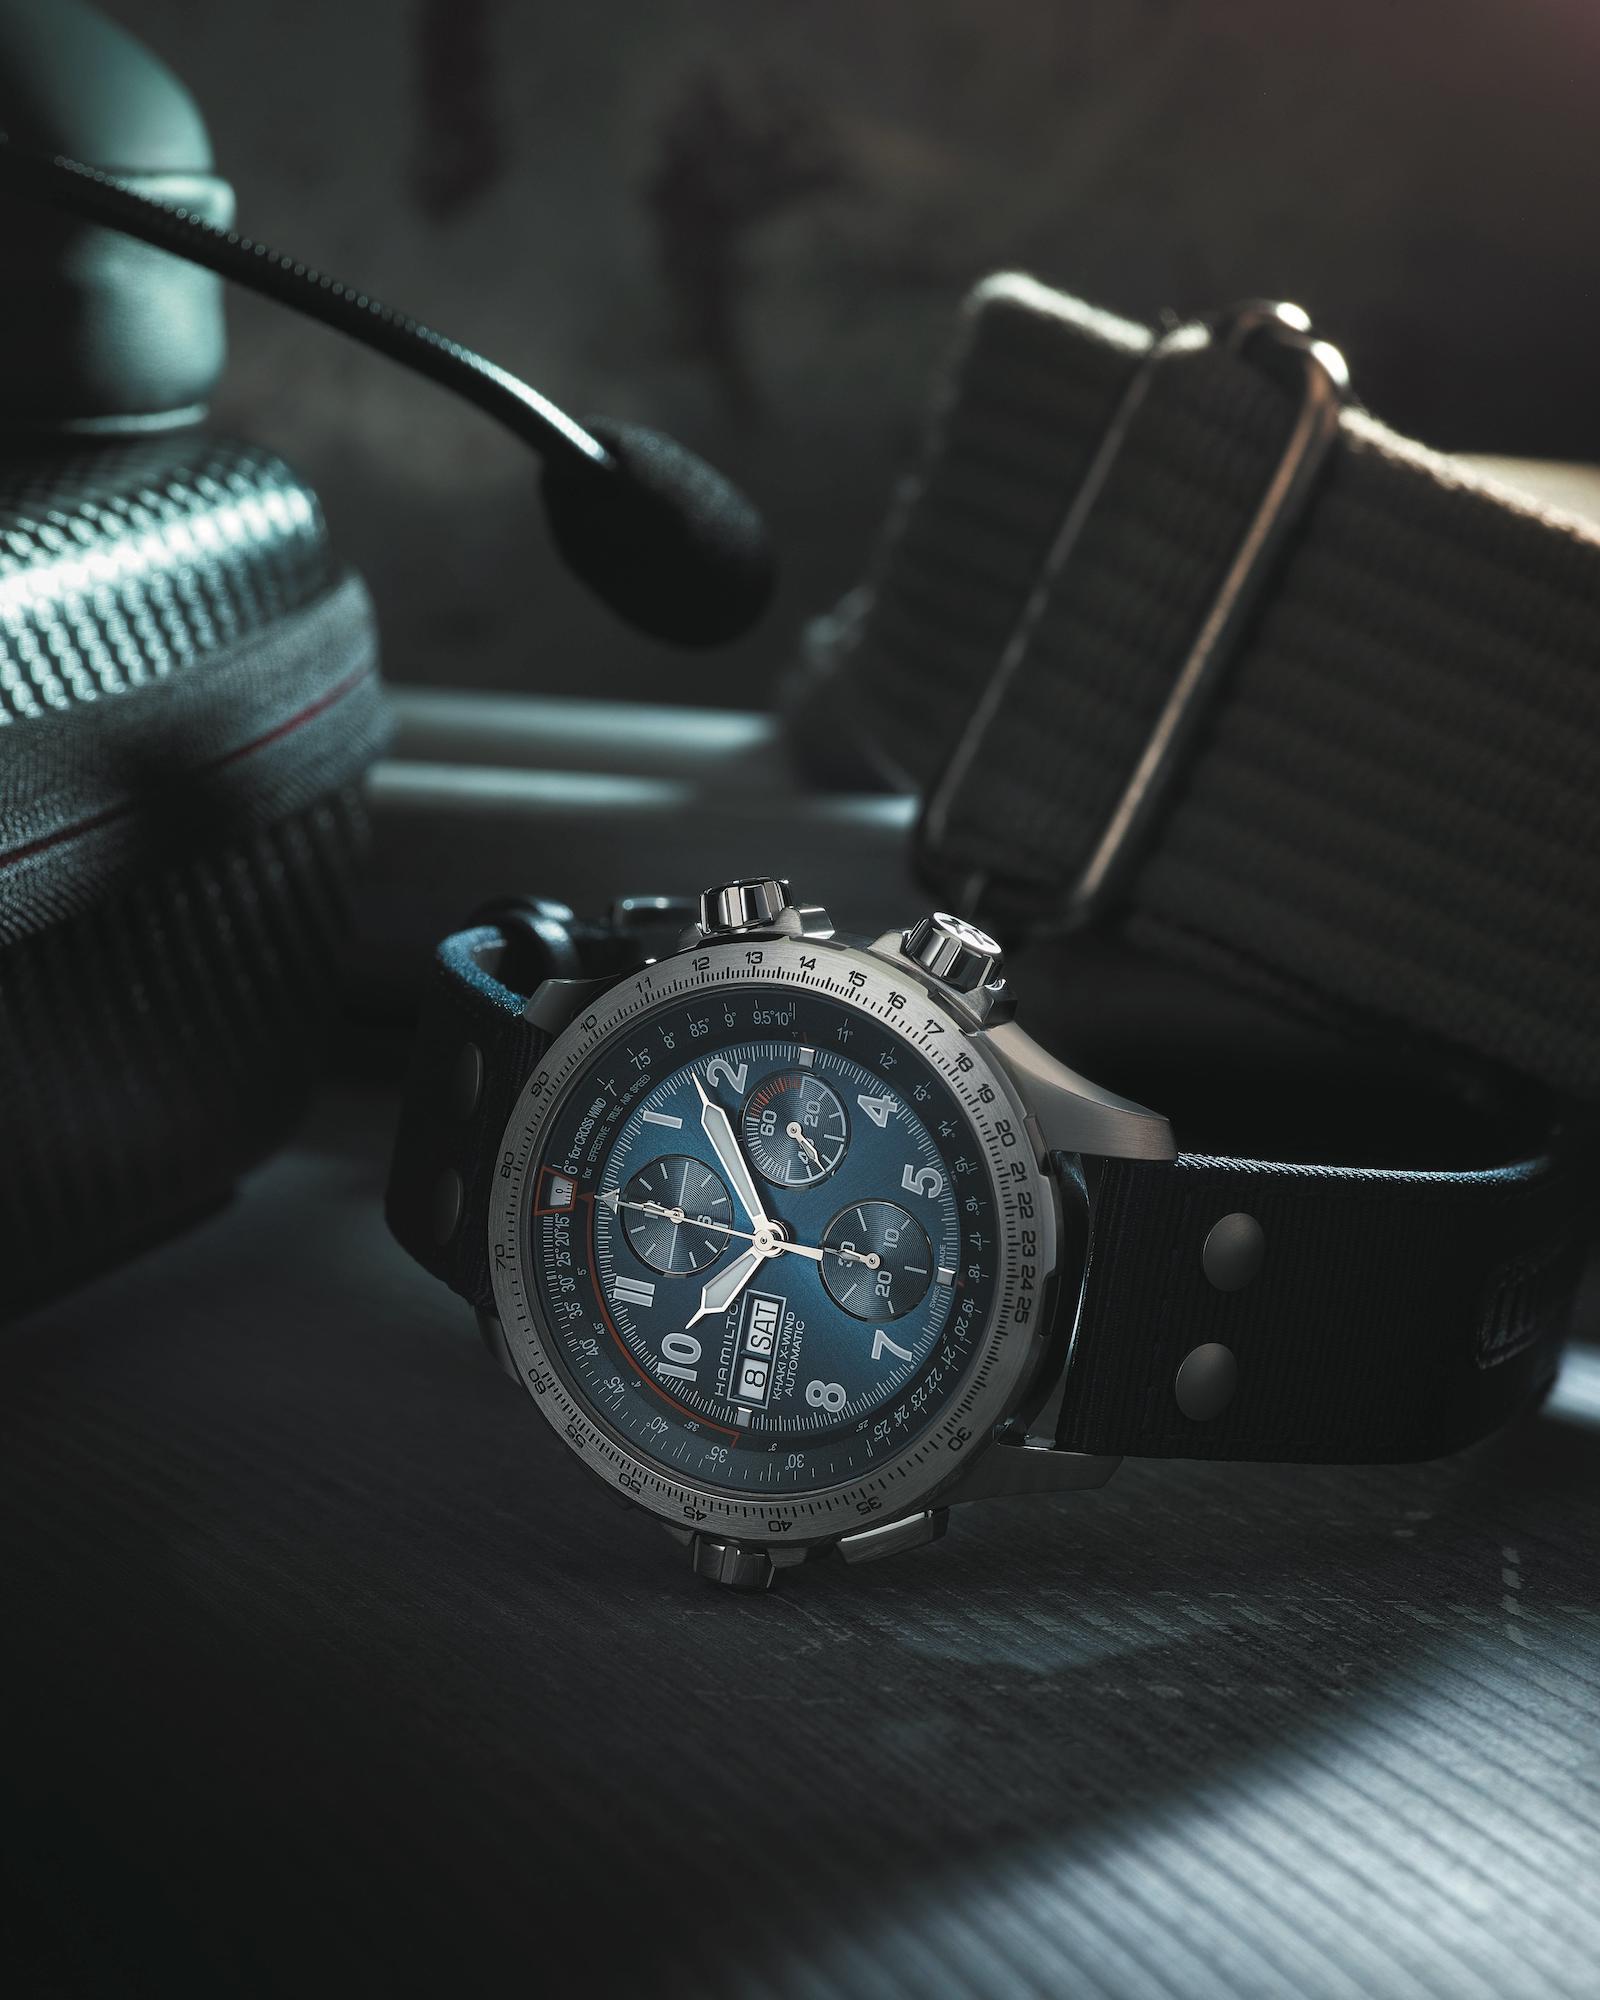 Hamilton Khaki X-Wind Auto Chrono_H77906940 Lifestyle